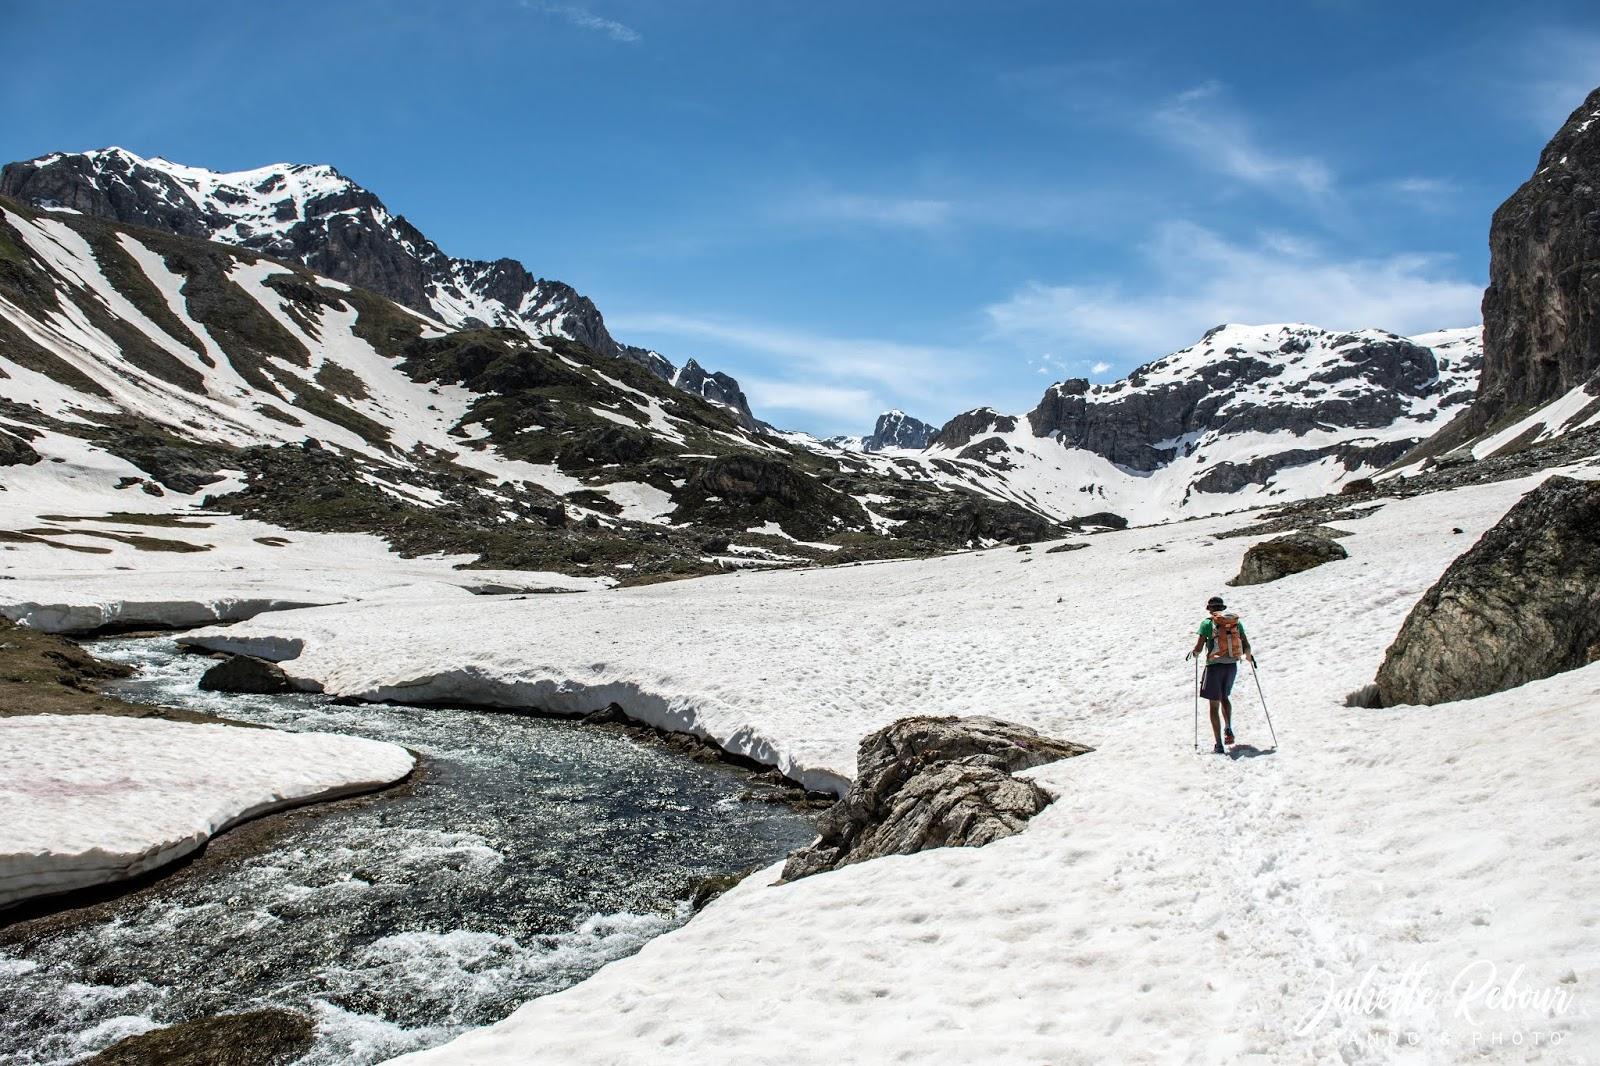 Randonnée au printemps en Savoie